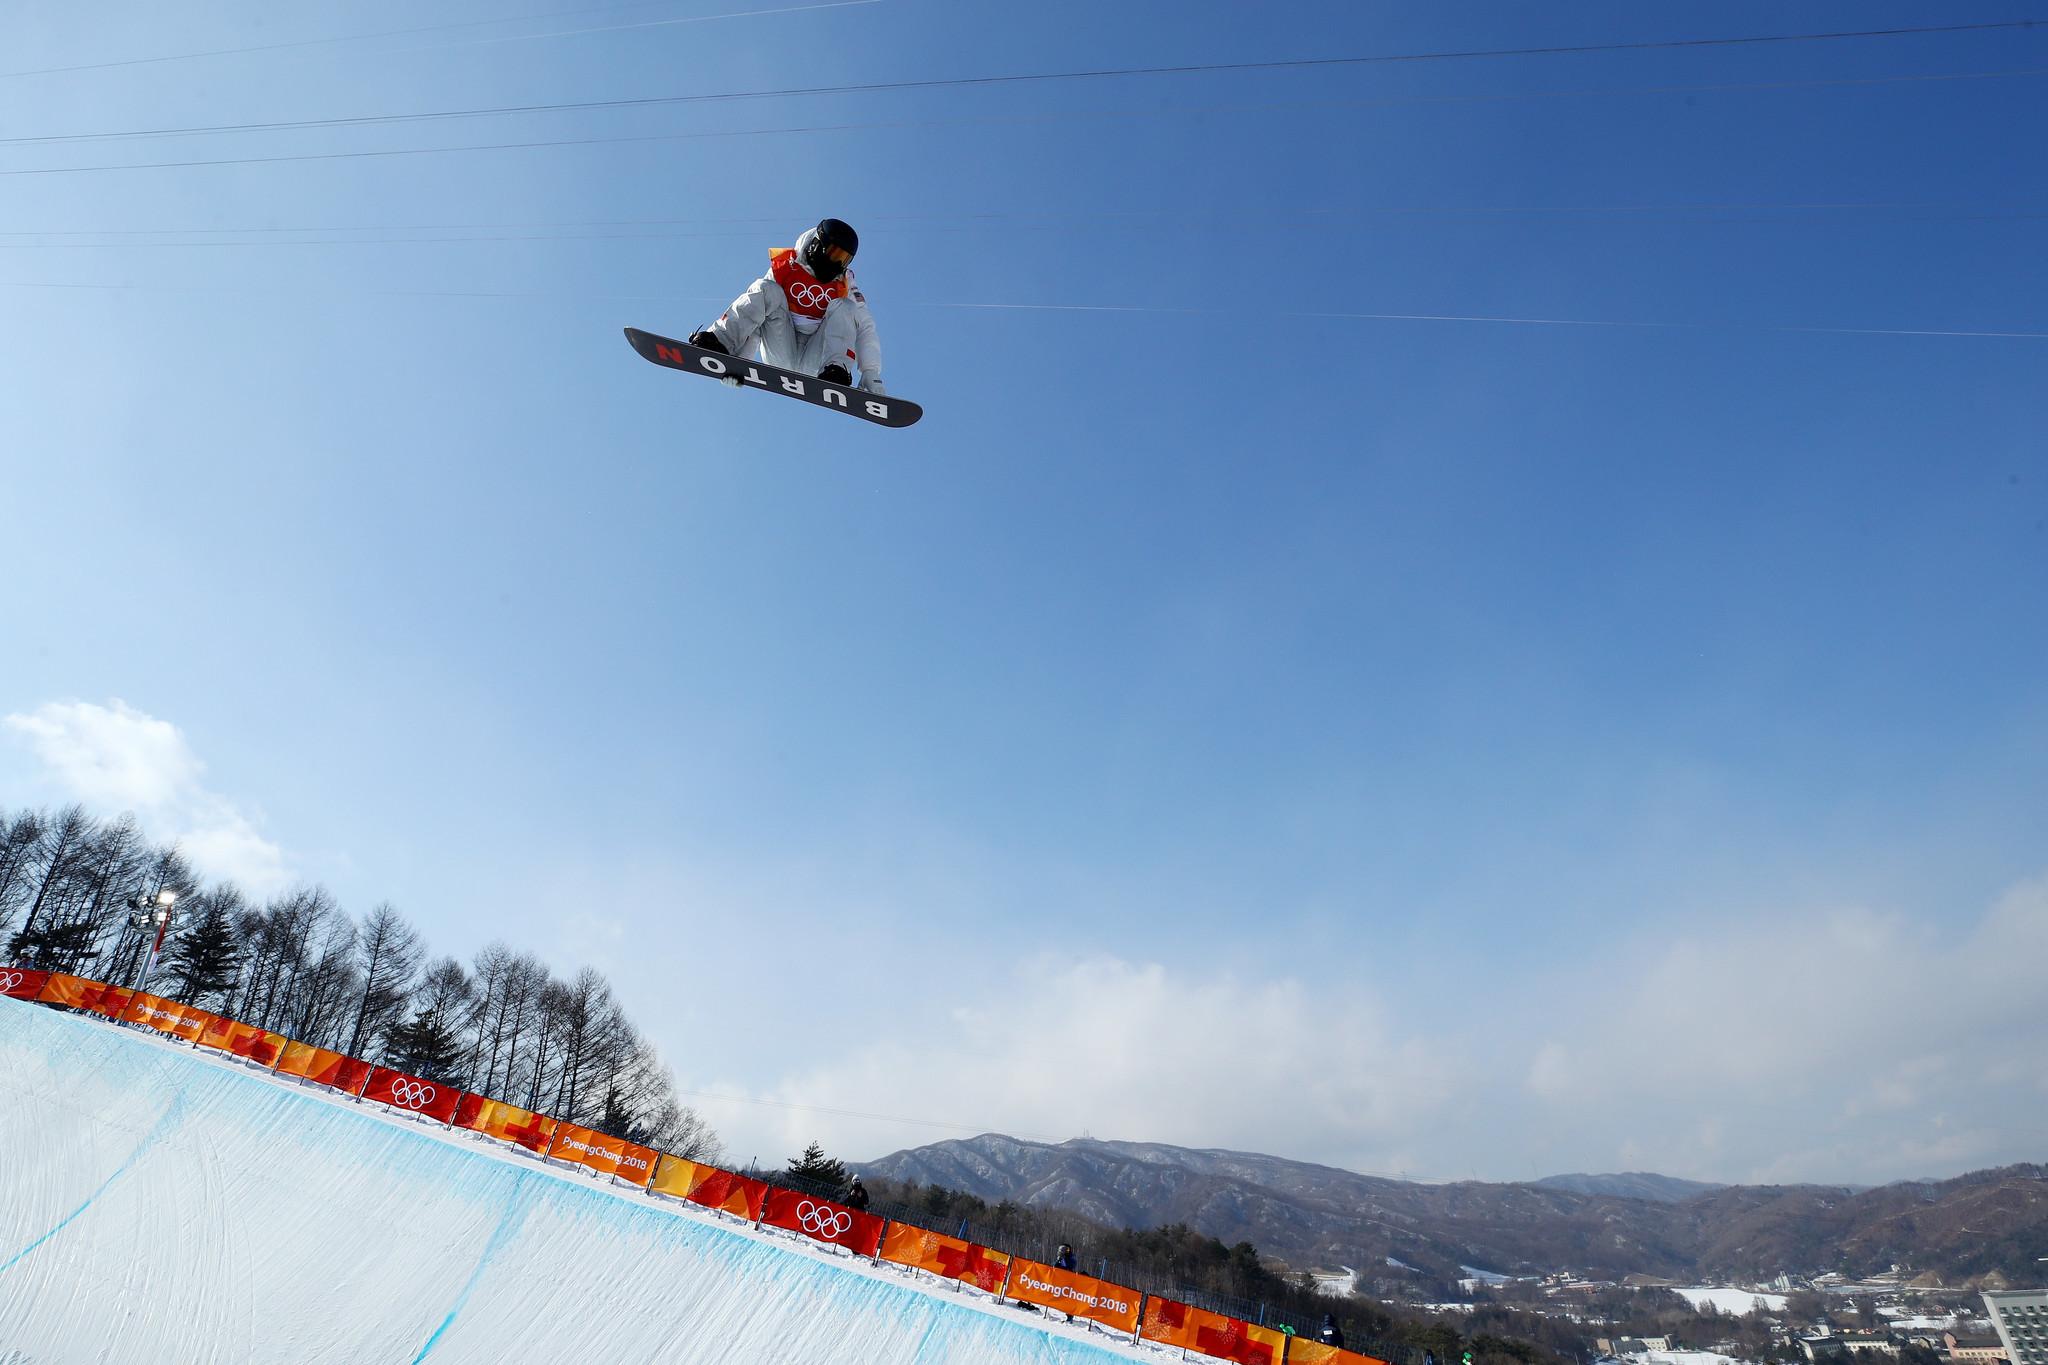 Shaun White at Pyeong Chang Olympics in Half Pipe